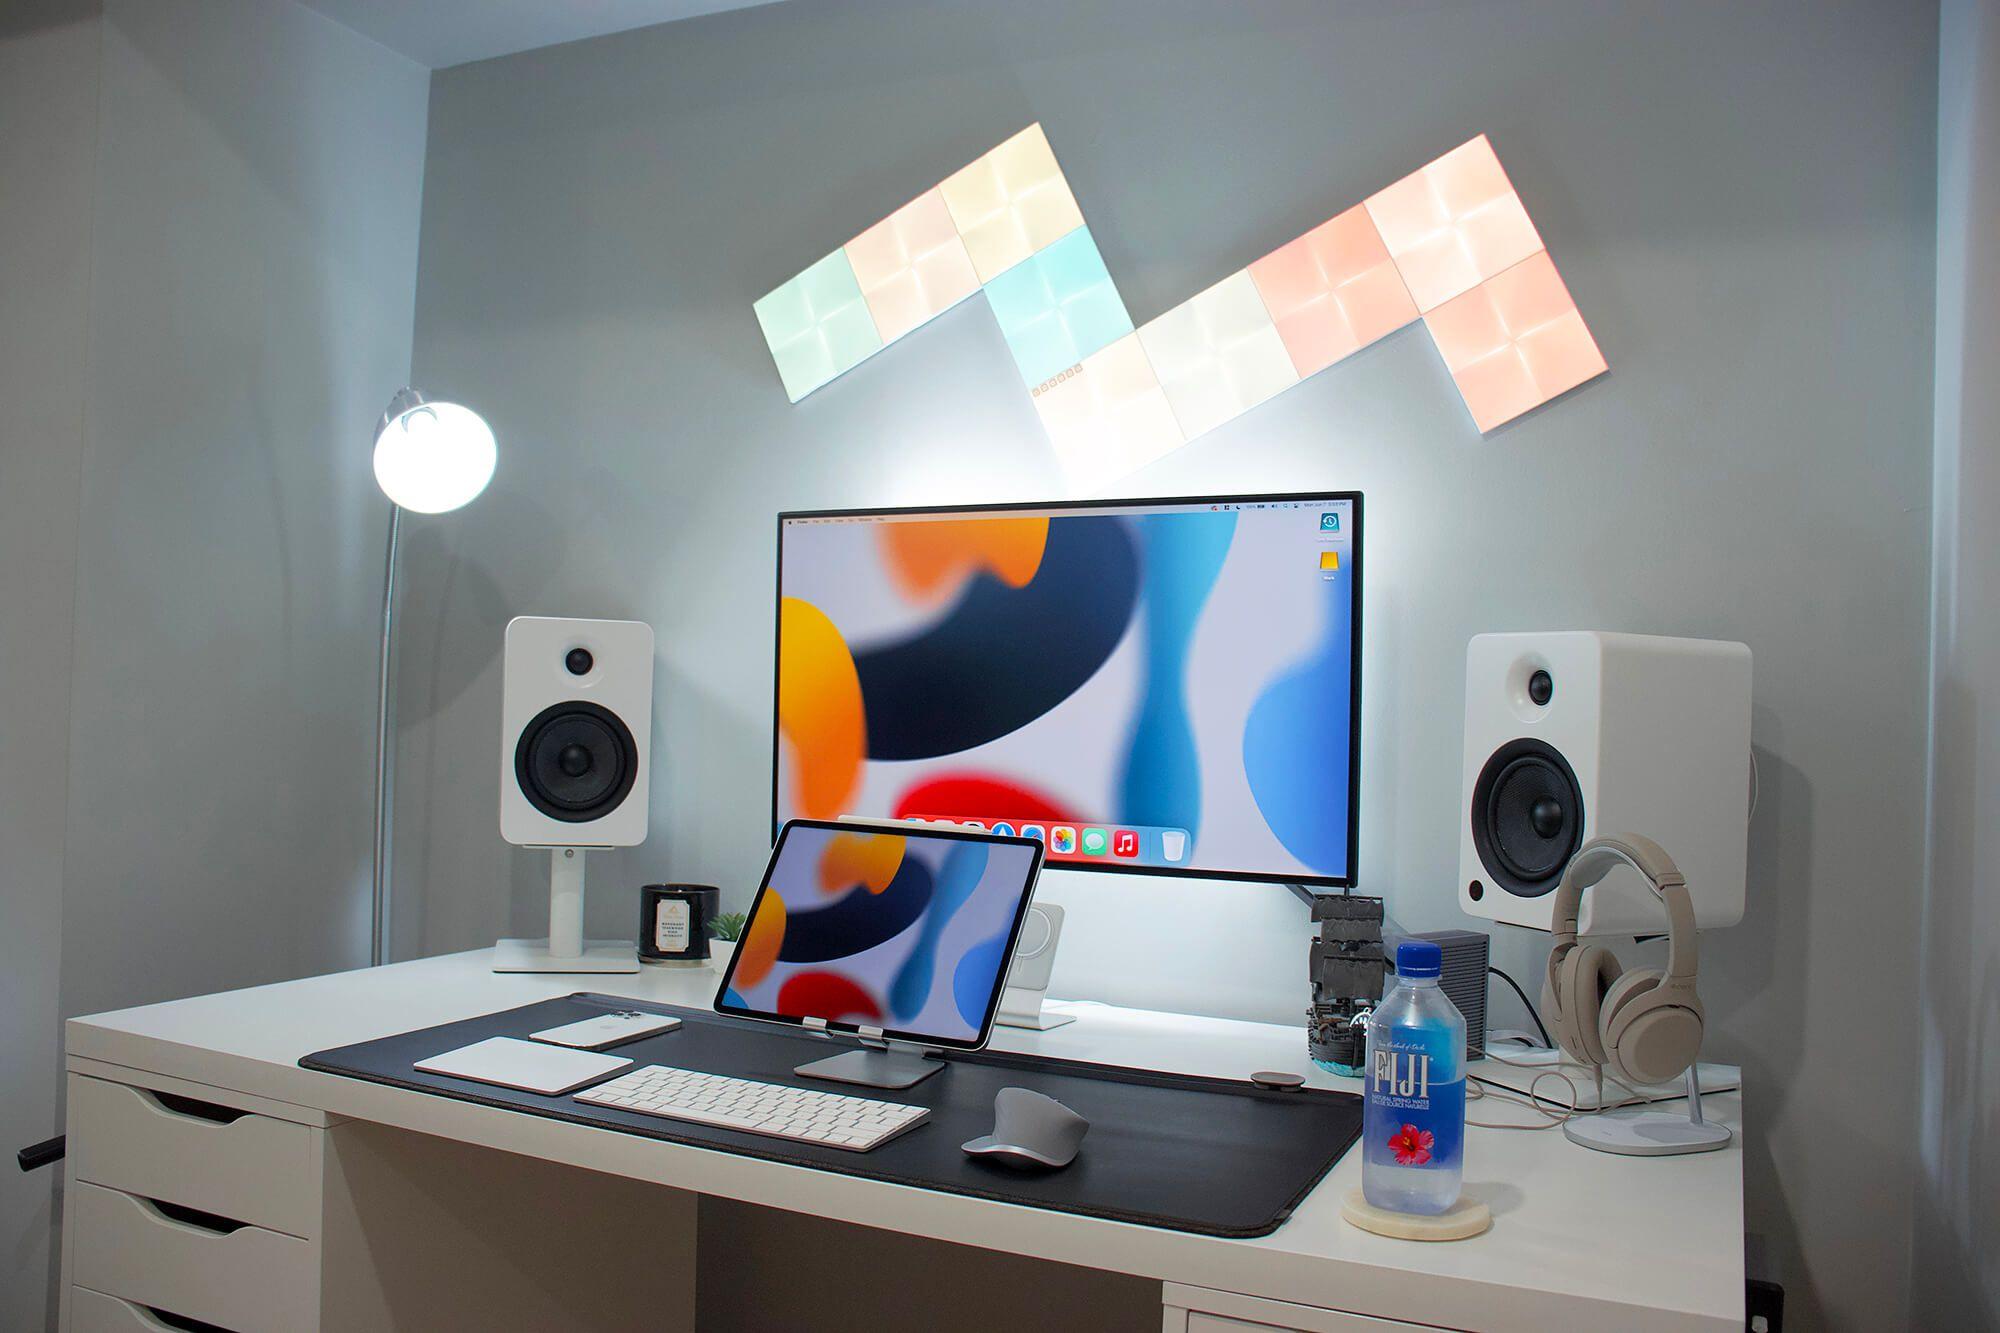 IKEA desk setup with a minimal vibe